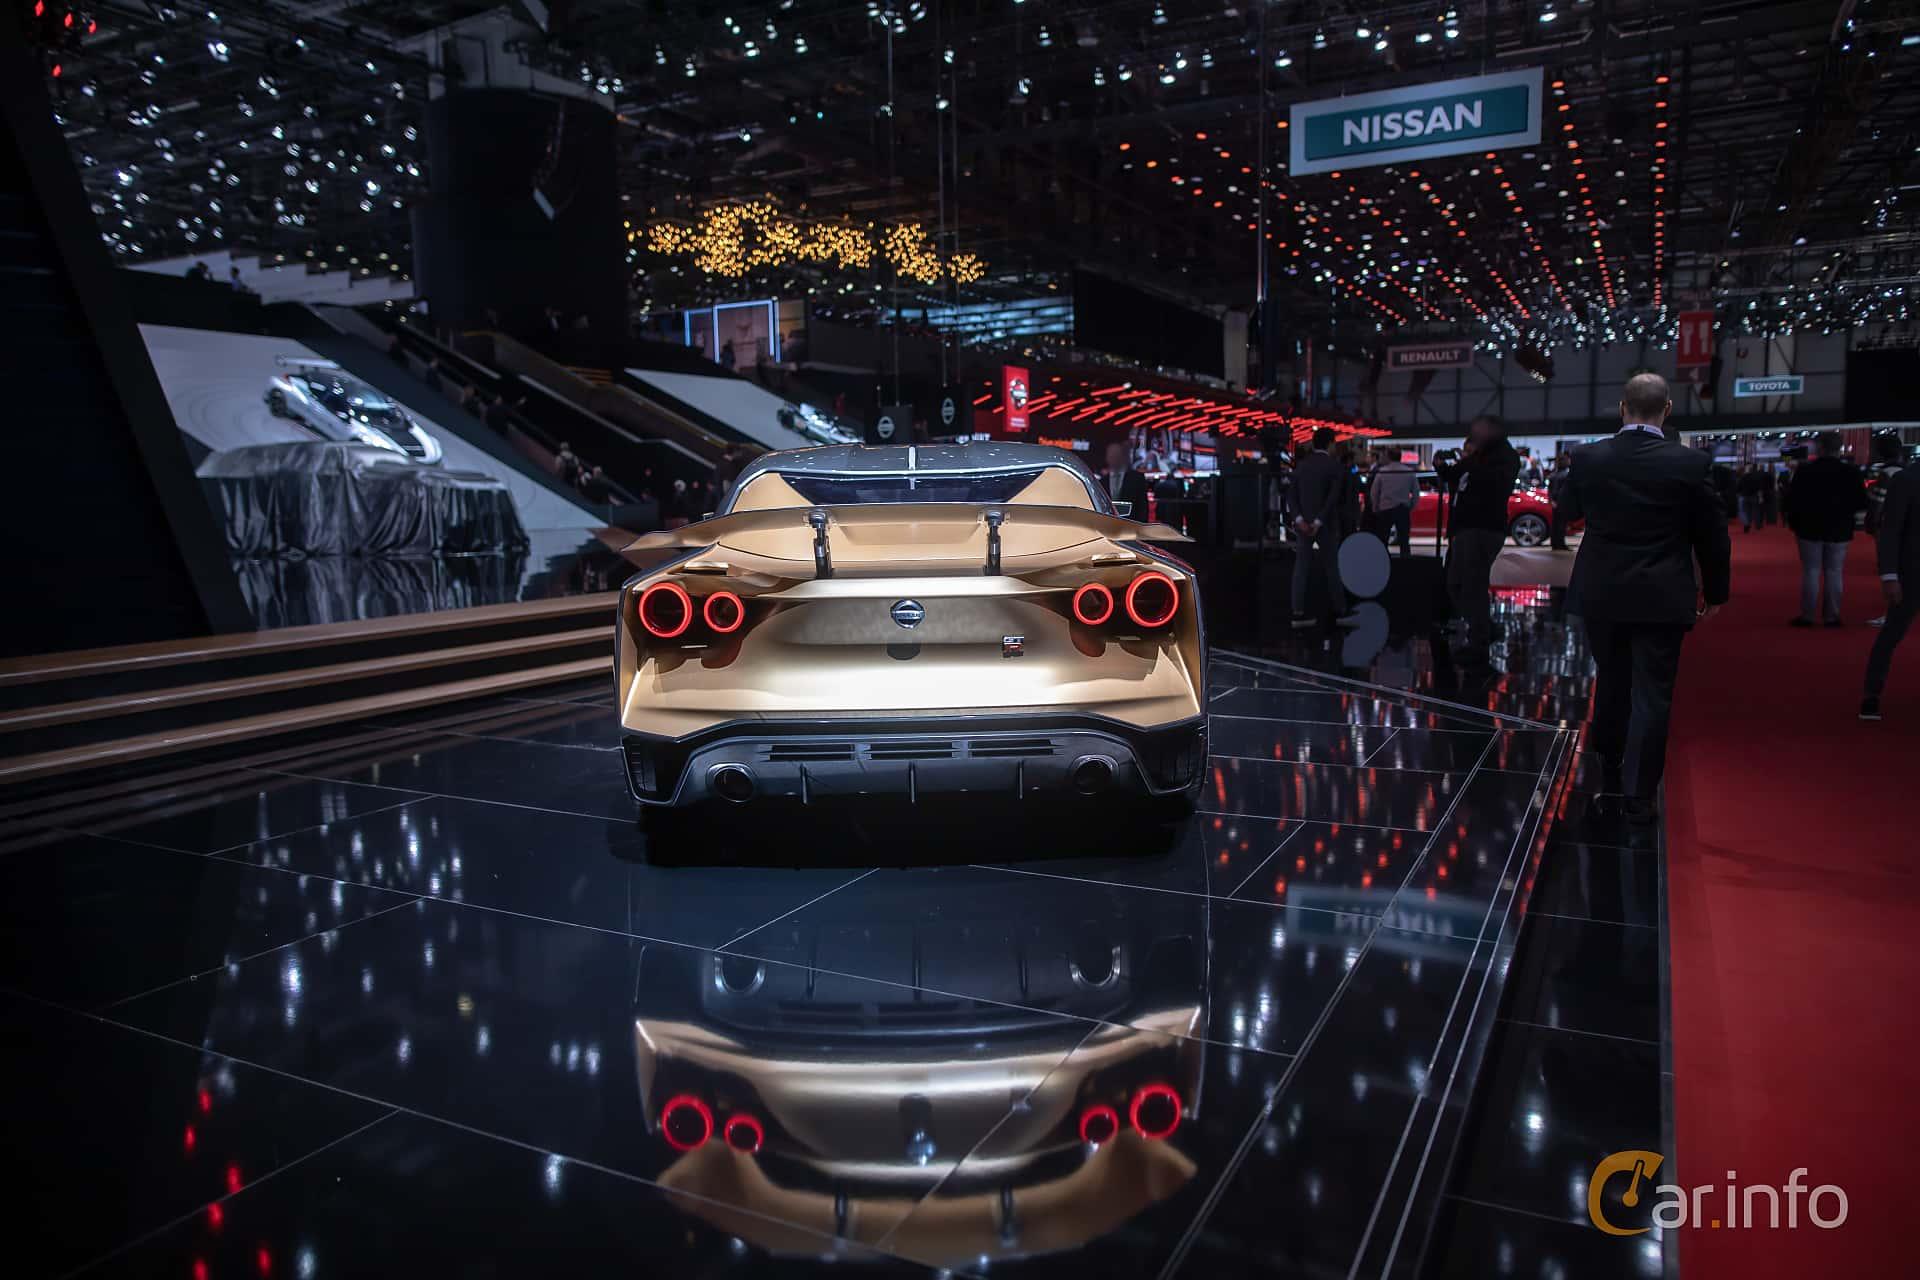 Italdesign GT-R 50 3.8 V6 4x4 DCT, 720hp, 2019 at Geneva Motor Show 2019